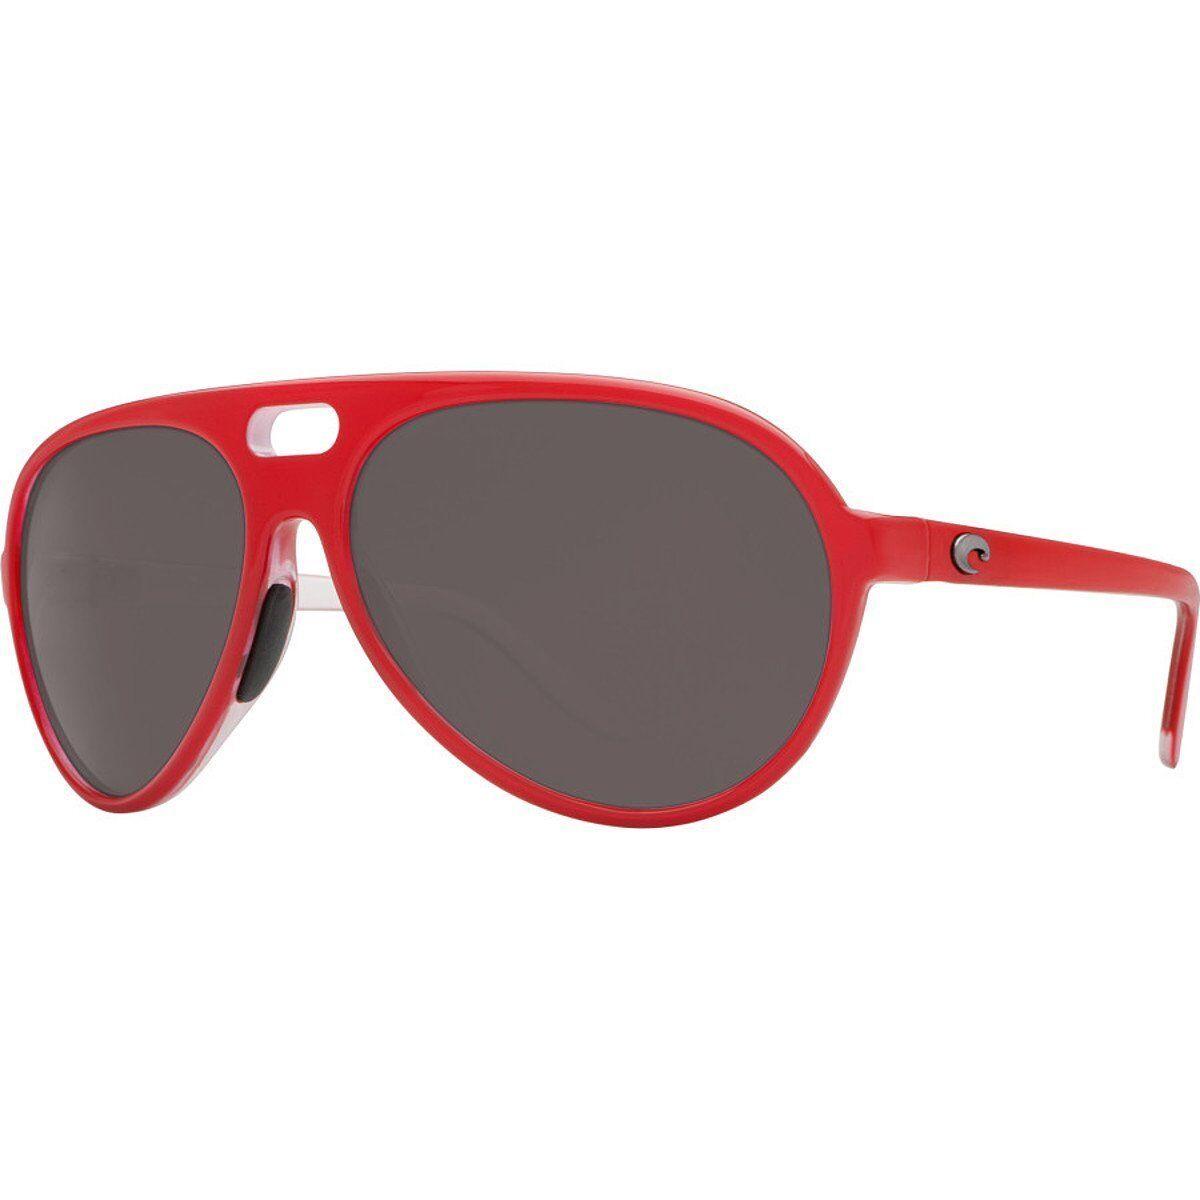 Costa Del Mar Grand Catalina Gafas De Sol Polarizadas Lente gris Rojo 580P Pesca Hombres